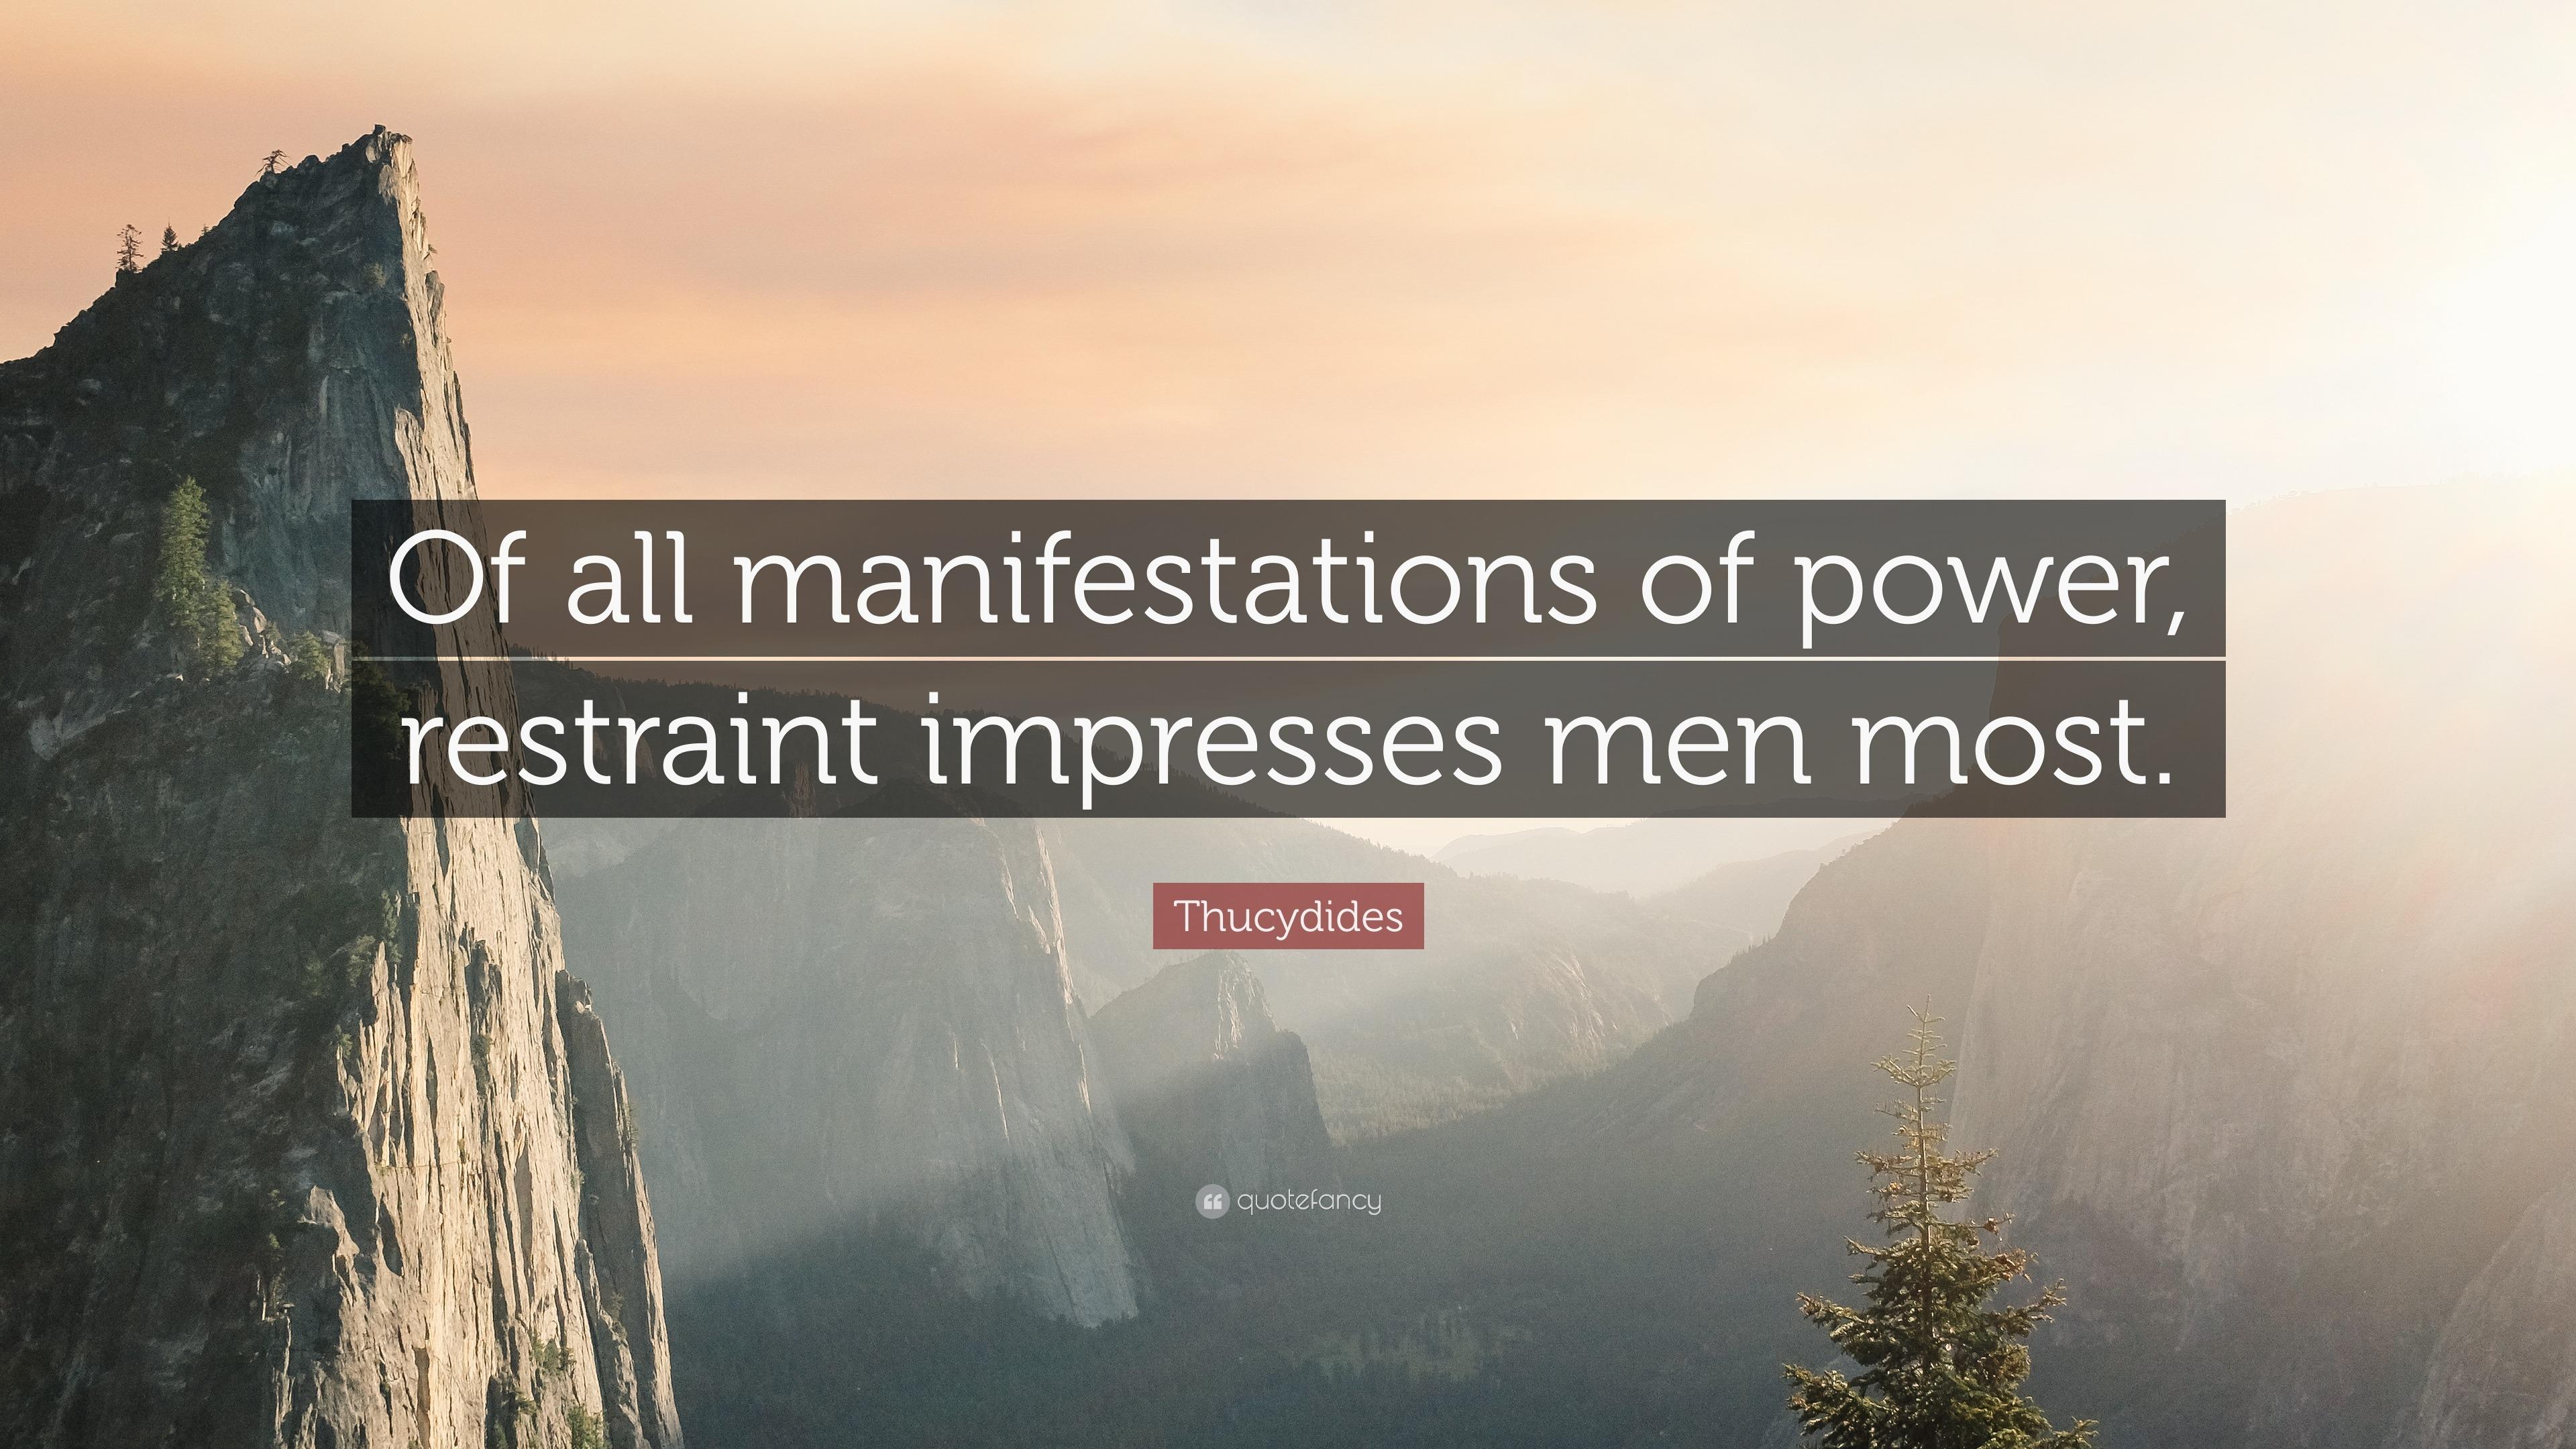 What impresses men